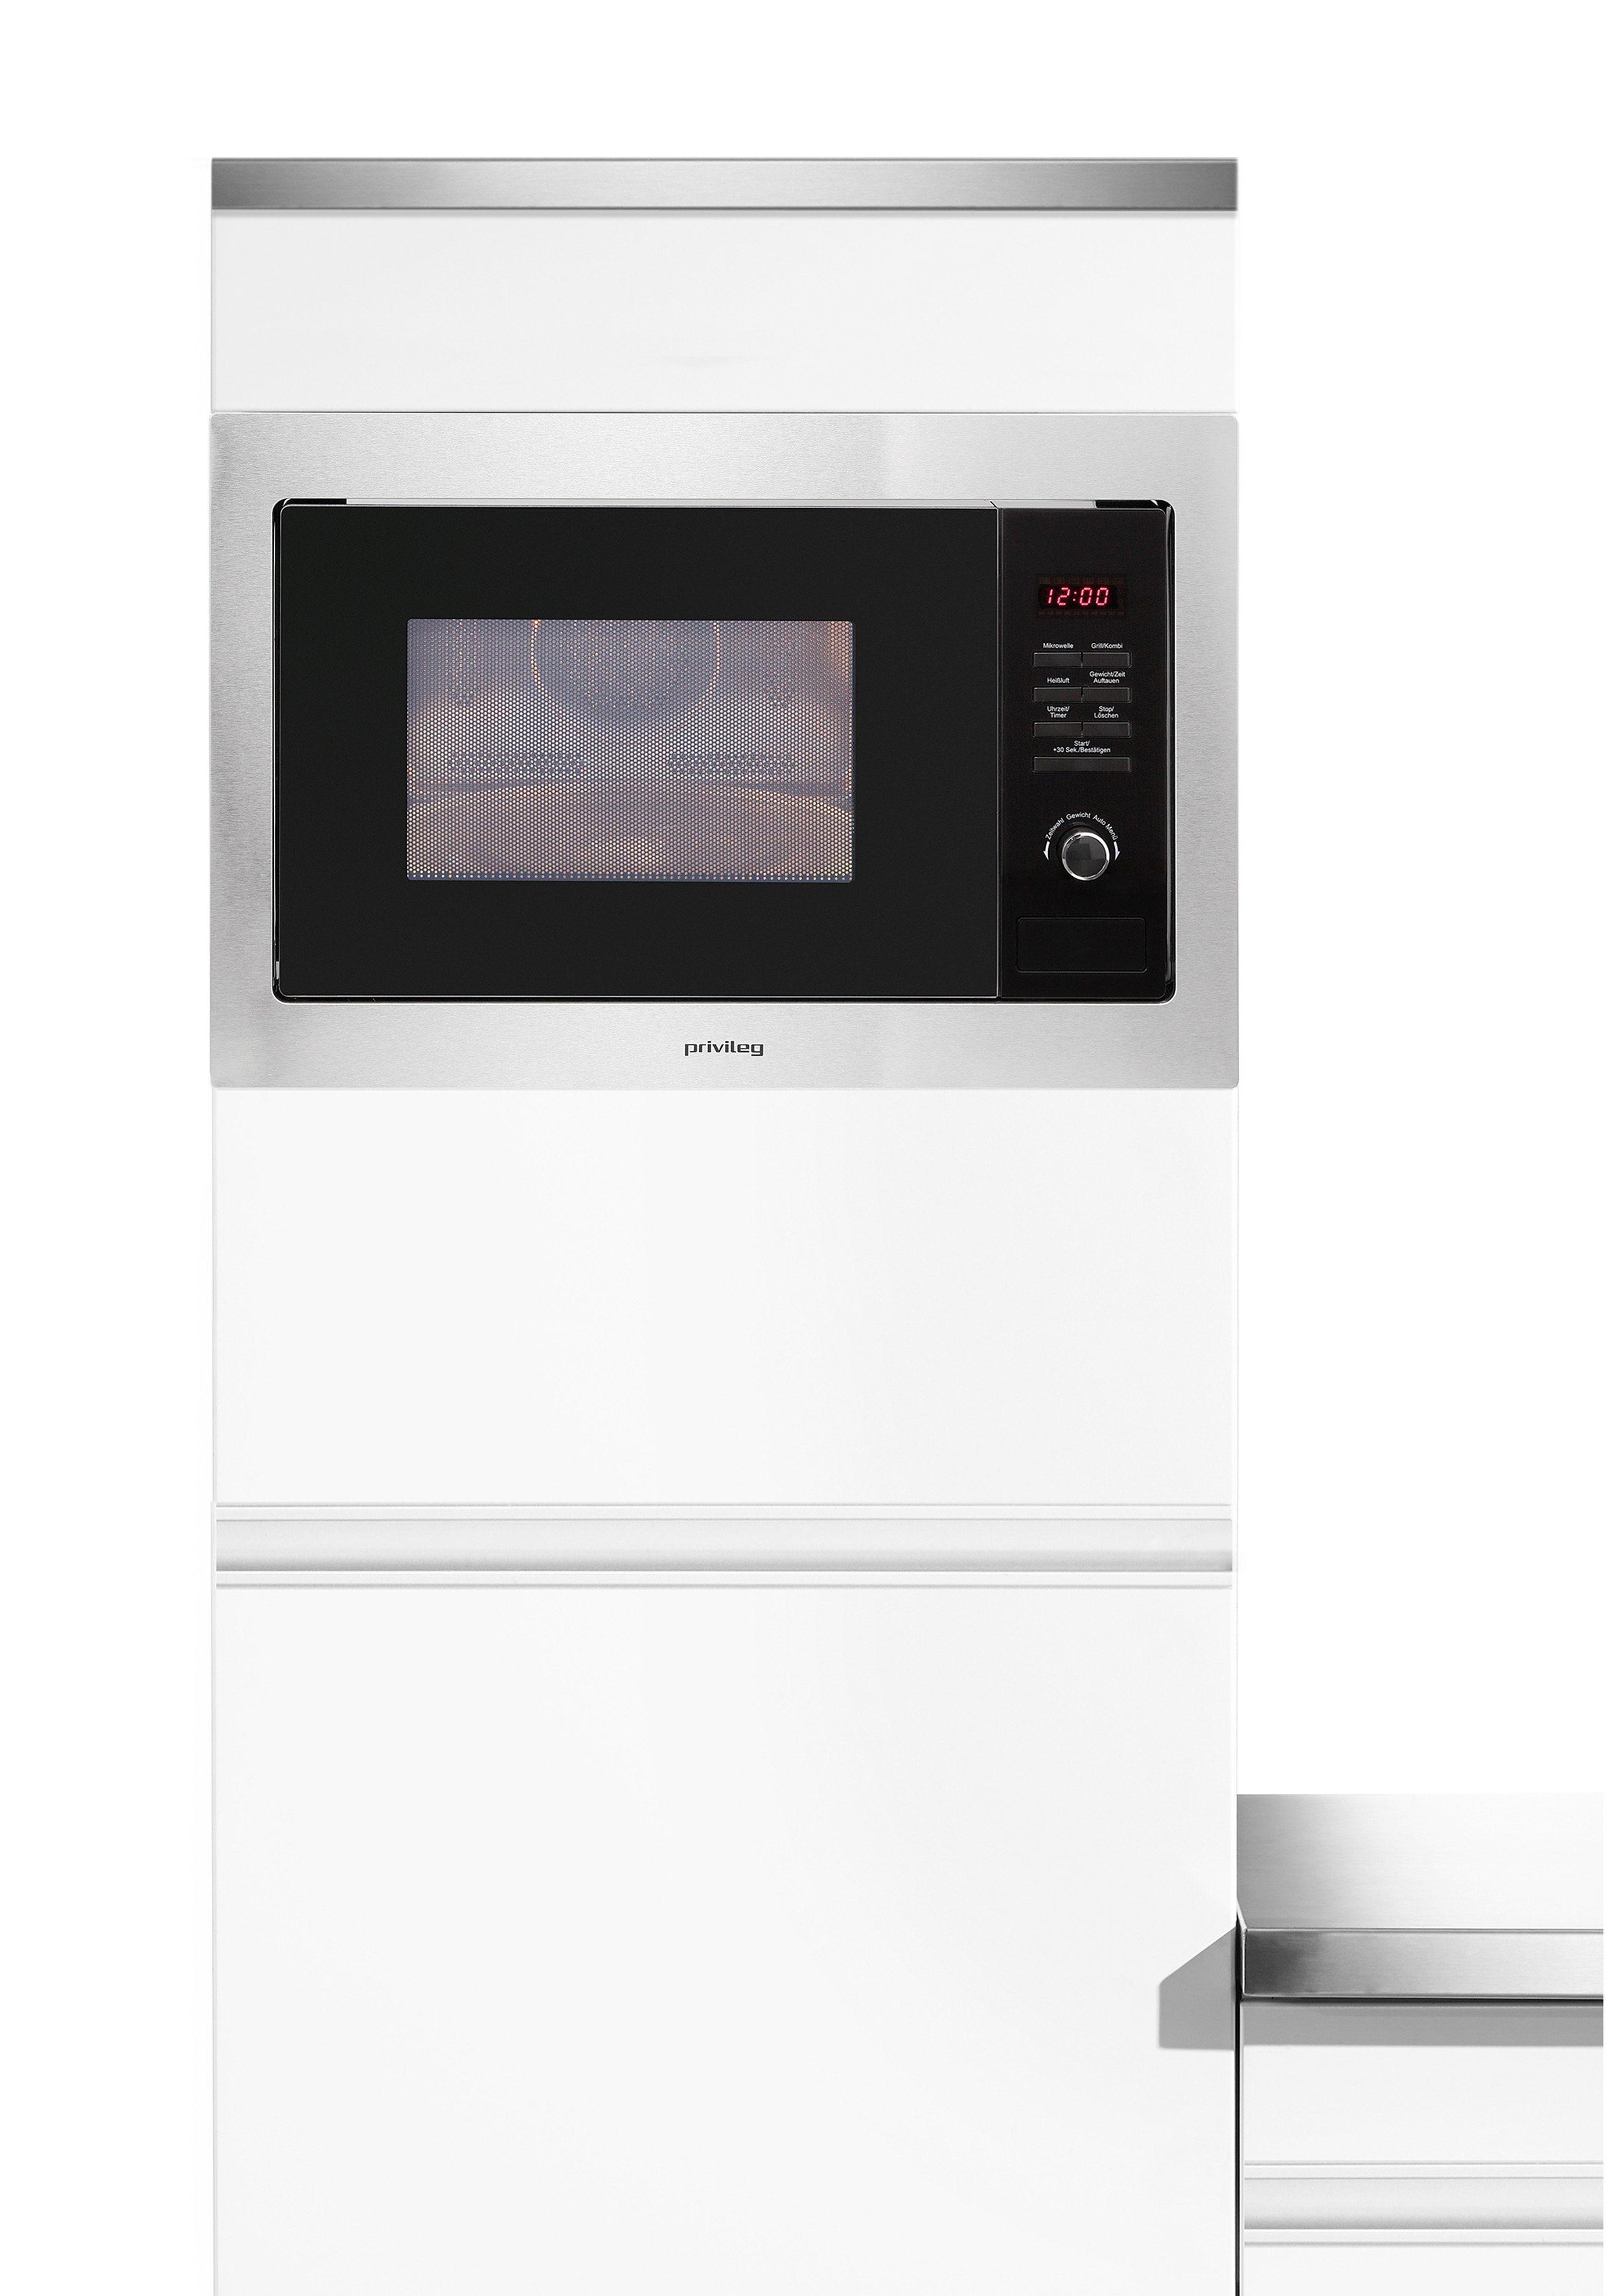 Privileg Einbau-Mikrowelle AC 925 BVE, mit Grill und Heißluft, 25 Liter, 900 Watt